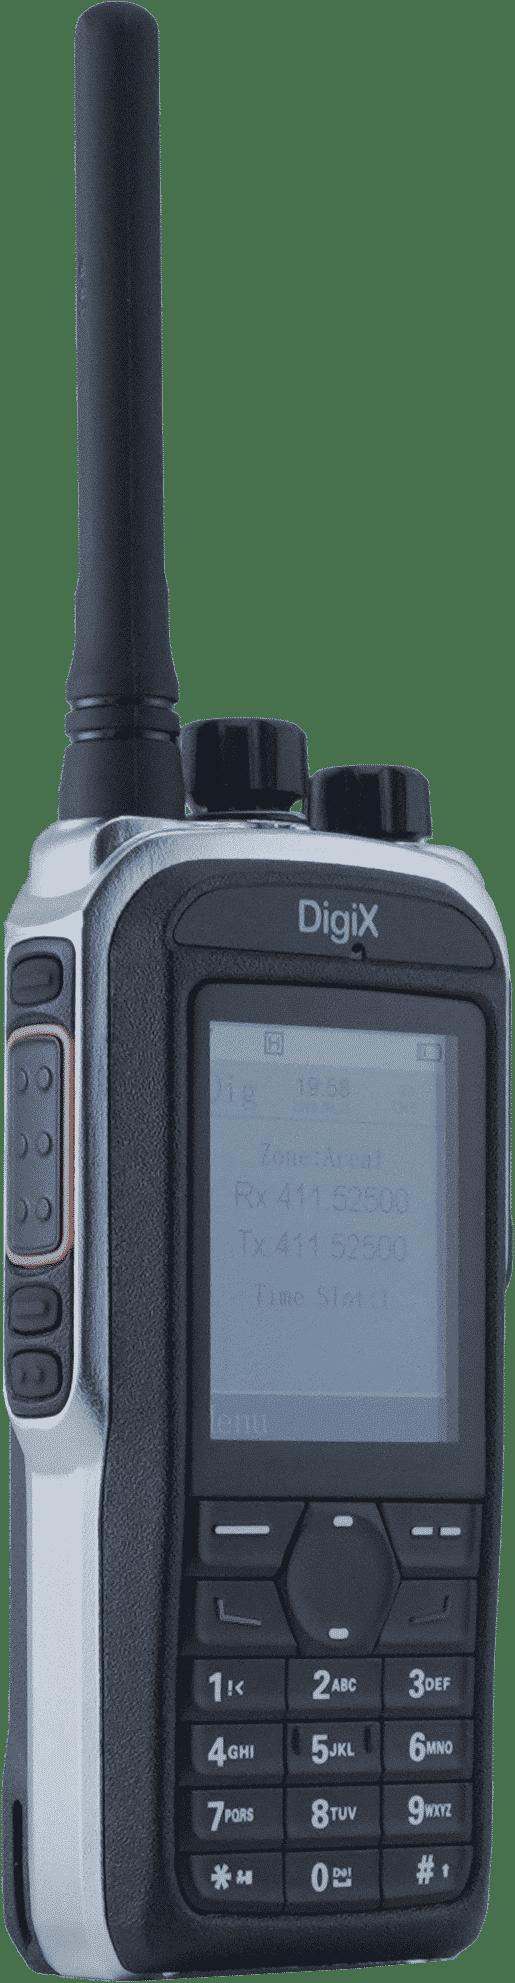 _0000_DigiX-Link-Keypad-Front